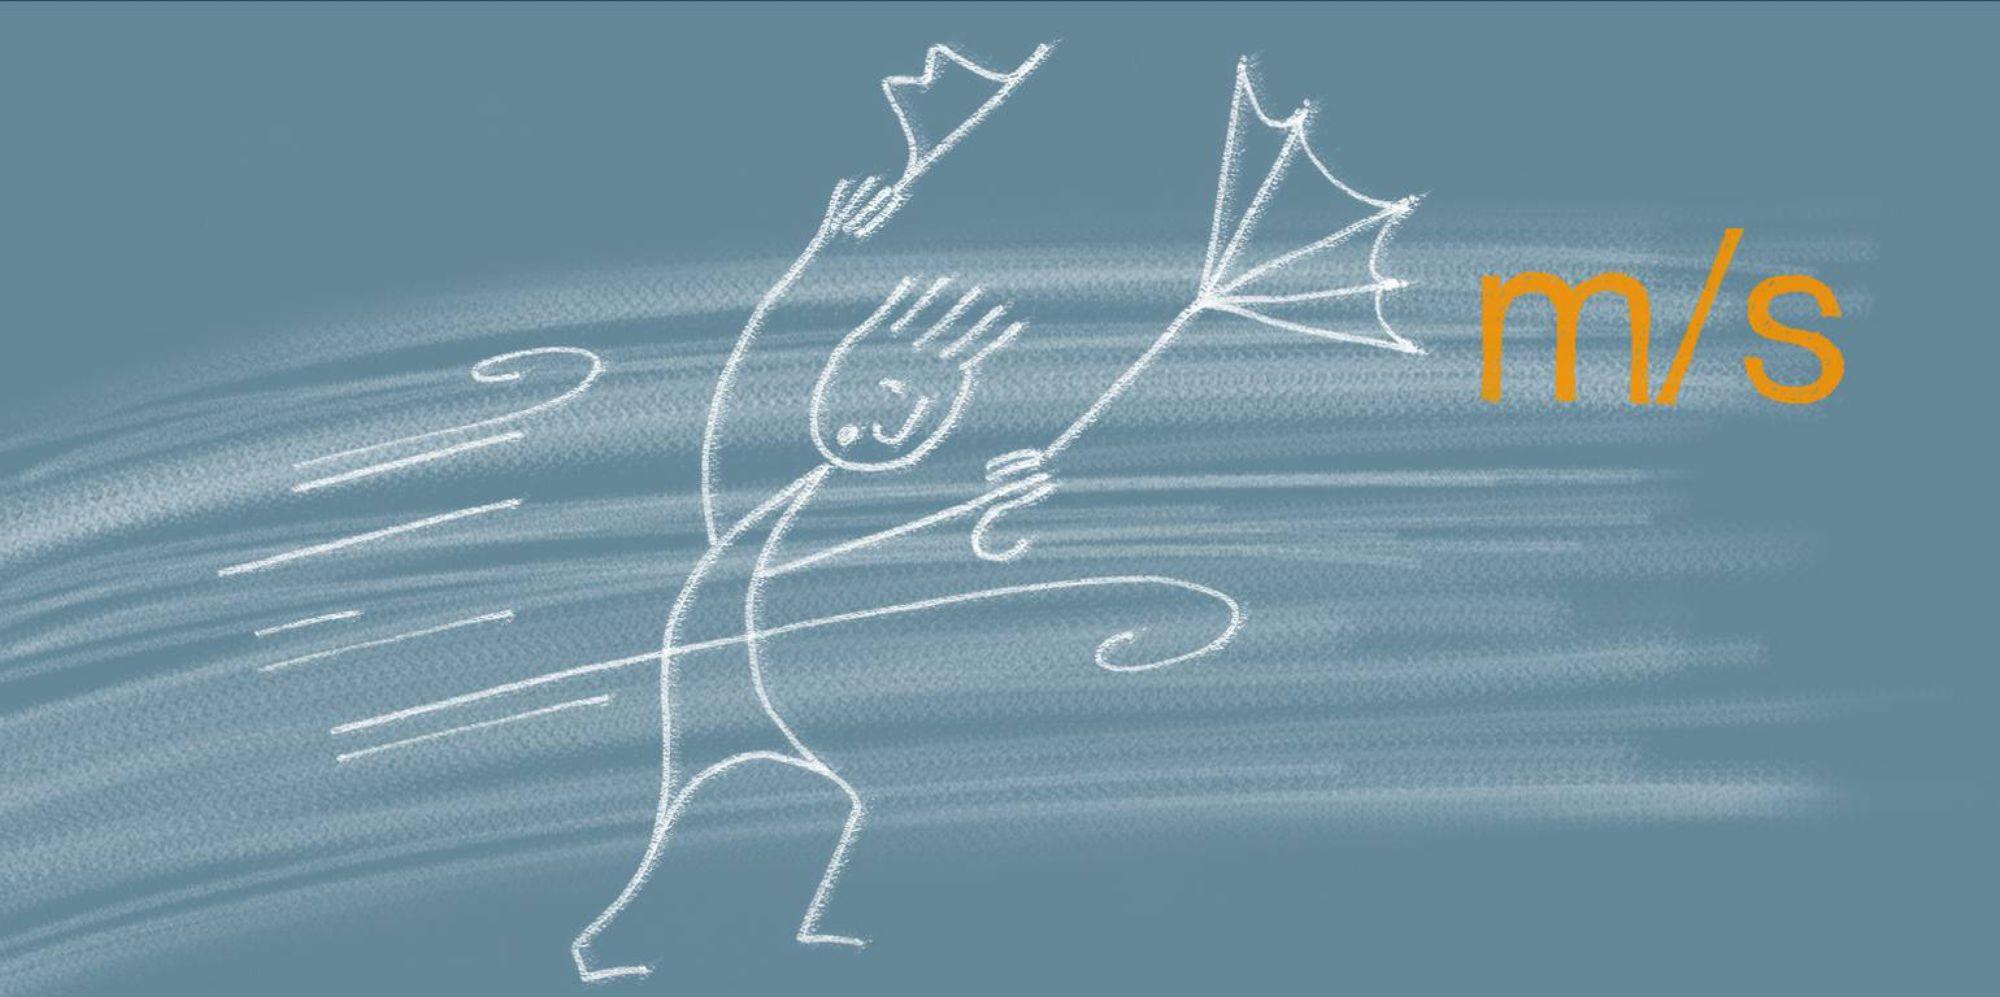 teaser-akademie-online-klima-seminar-luftgeschwindigkeit.jpg